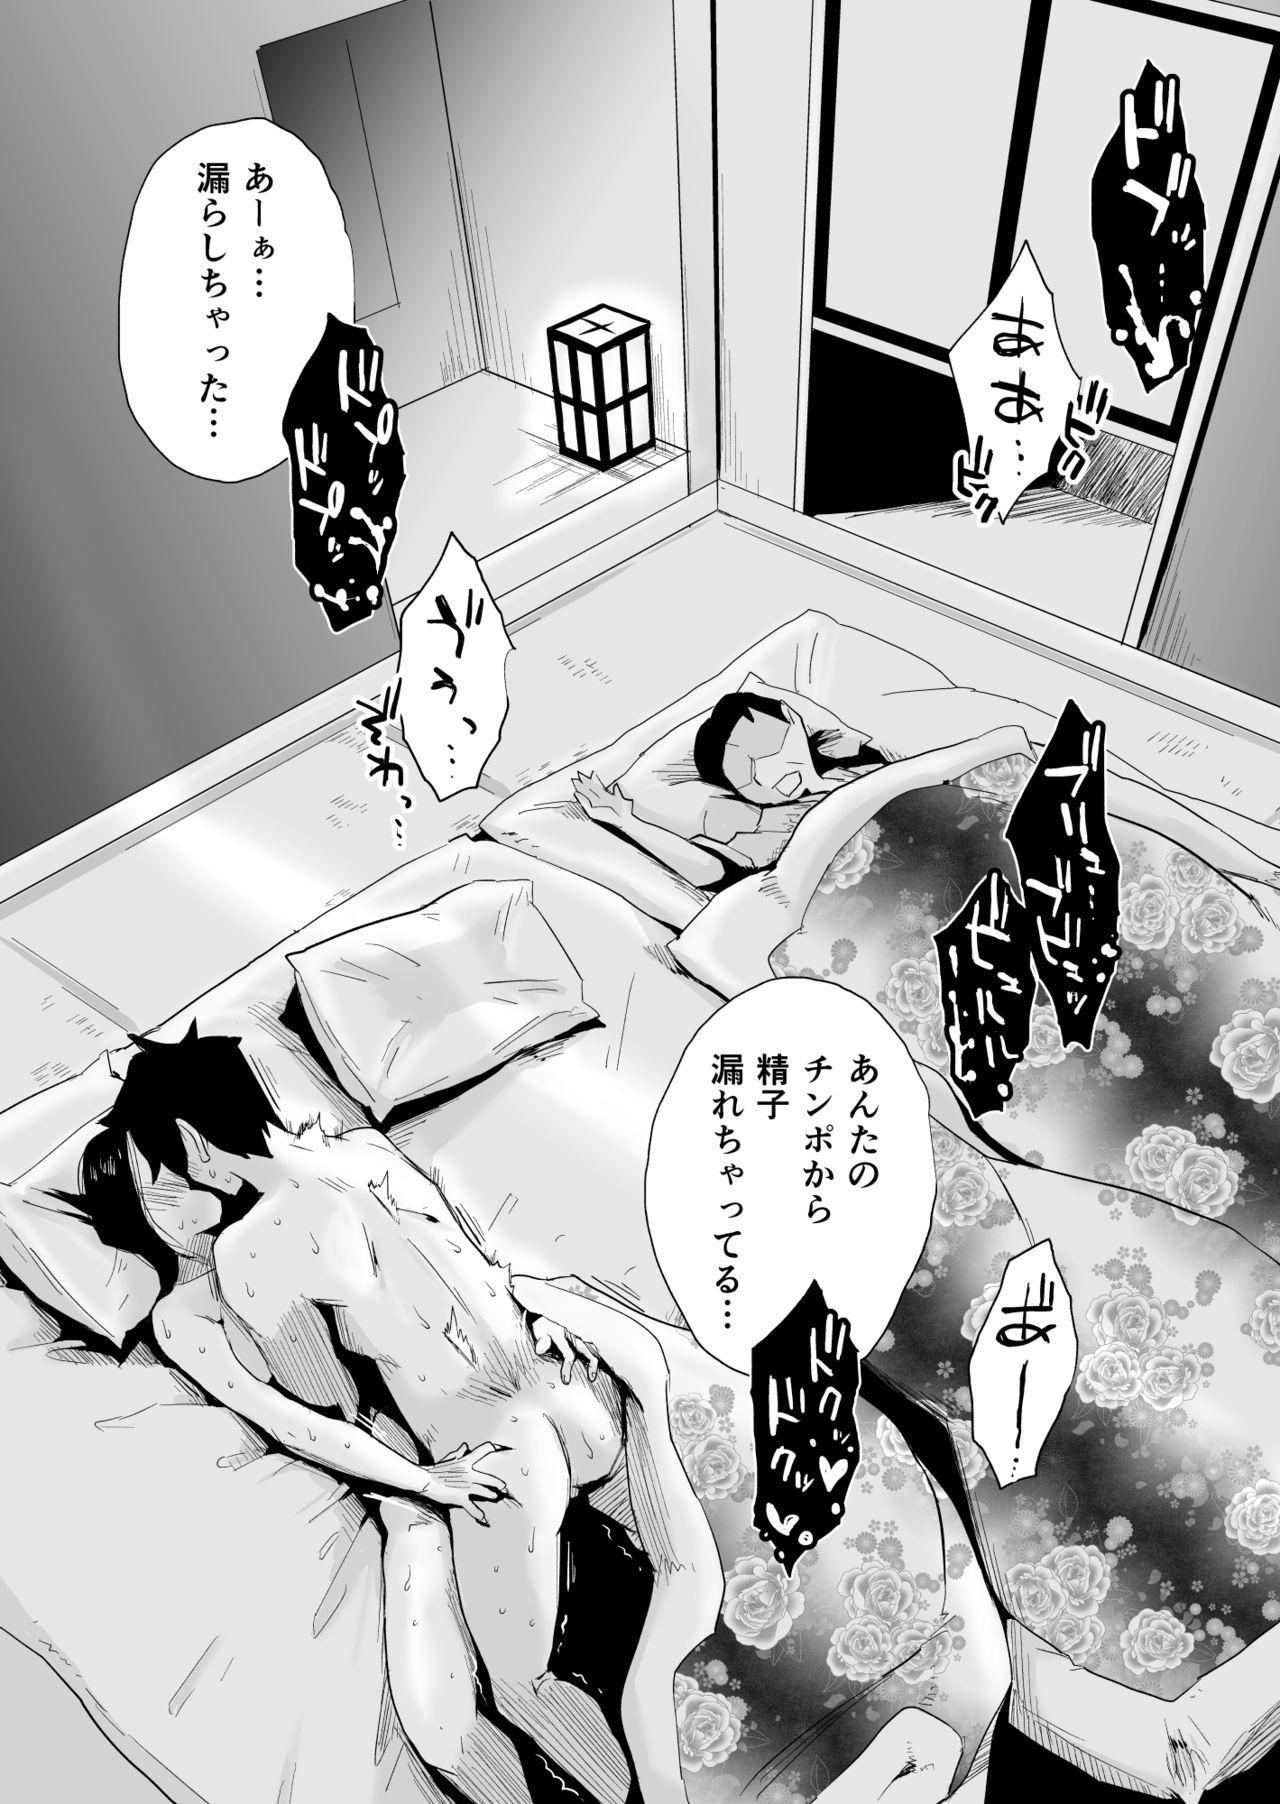 Ano! Okaa-san no Shousai 49